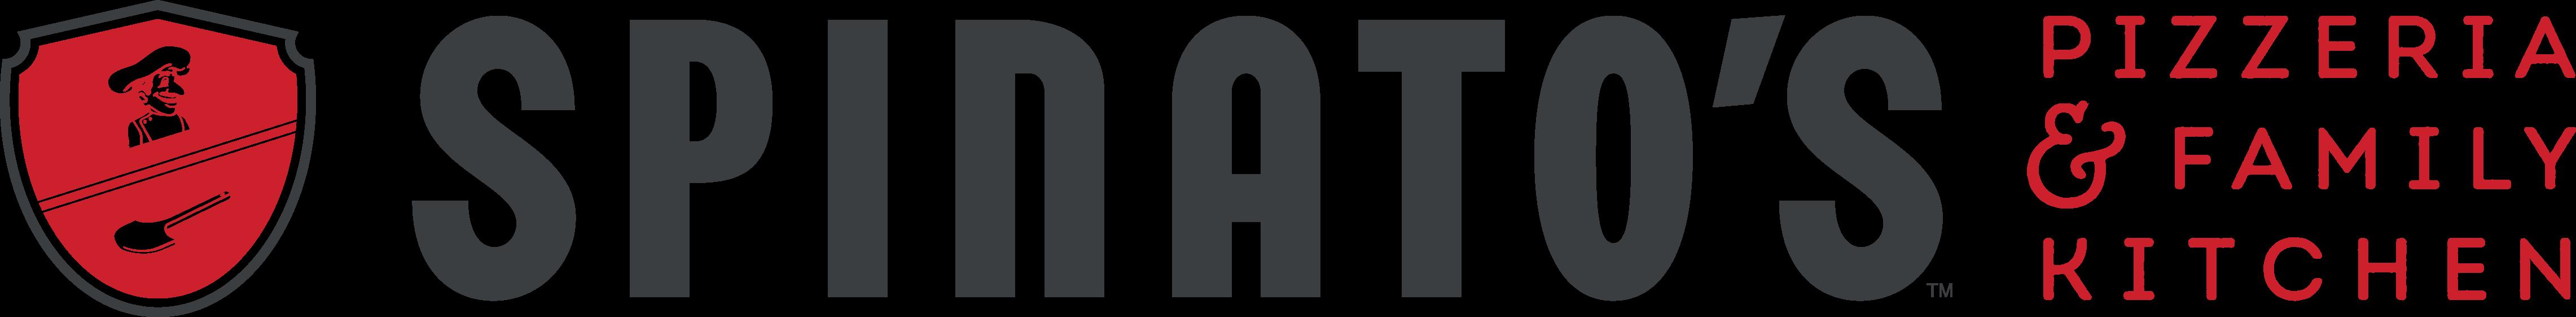 Spinato's Pizzeria logo